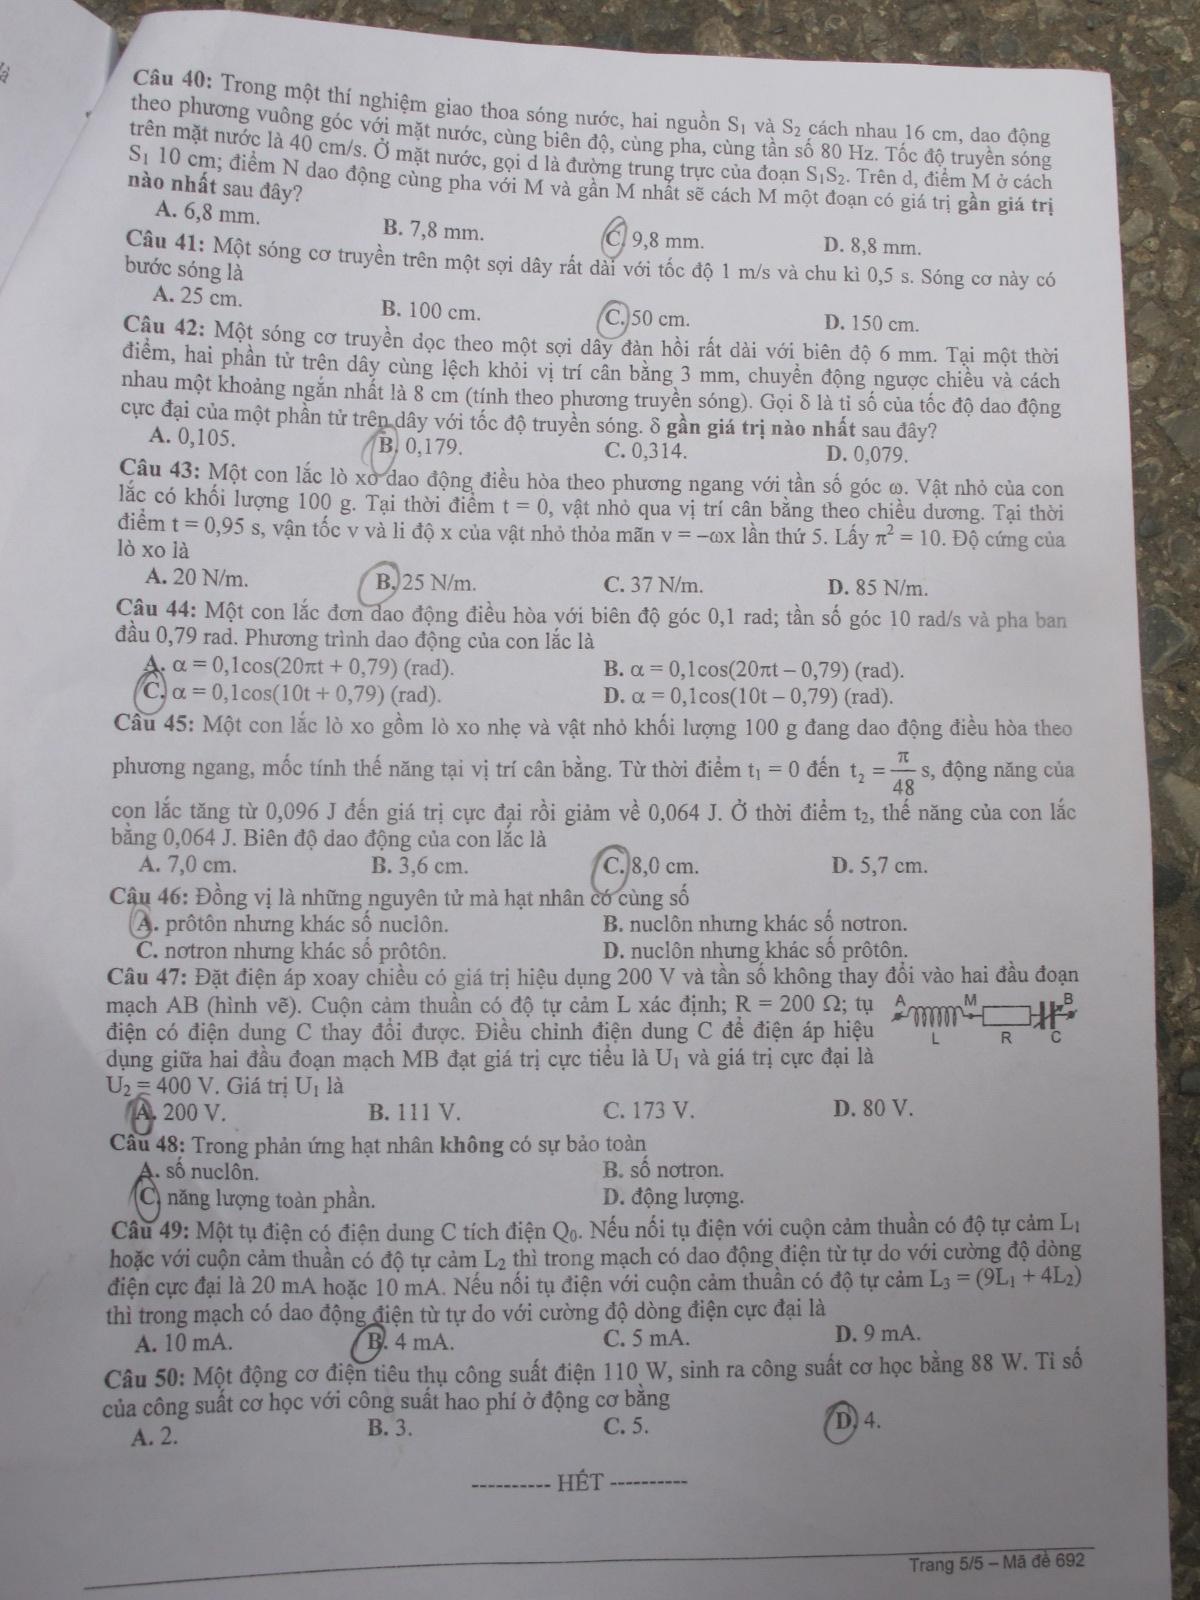 Đề thi môn Lý đại học khối A, A1